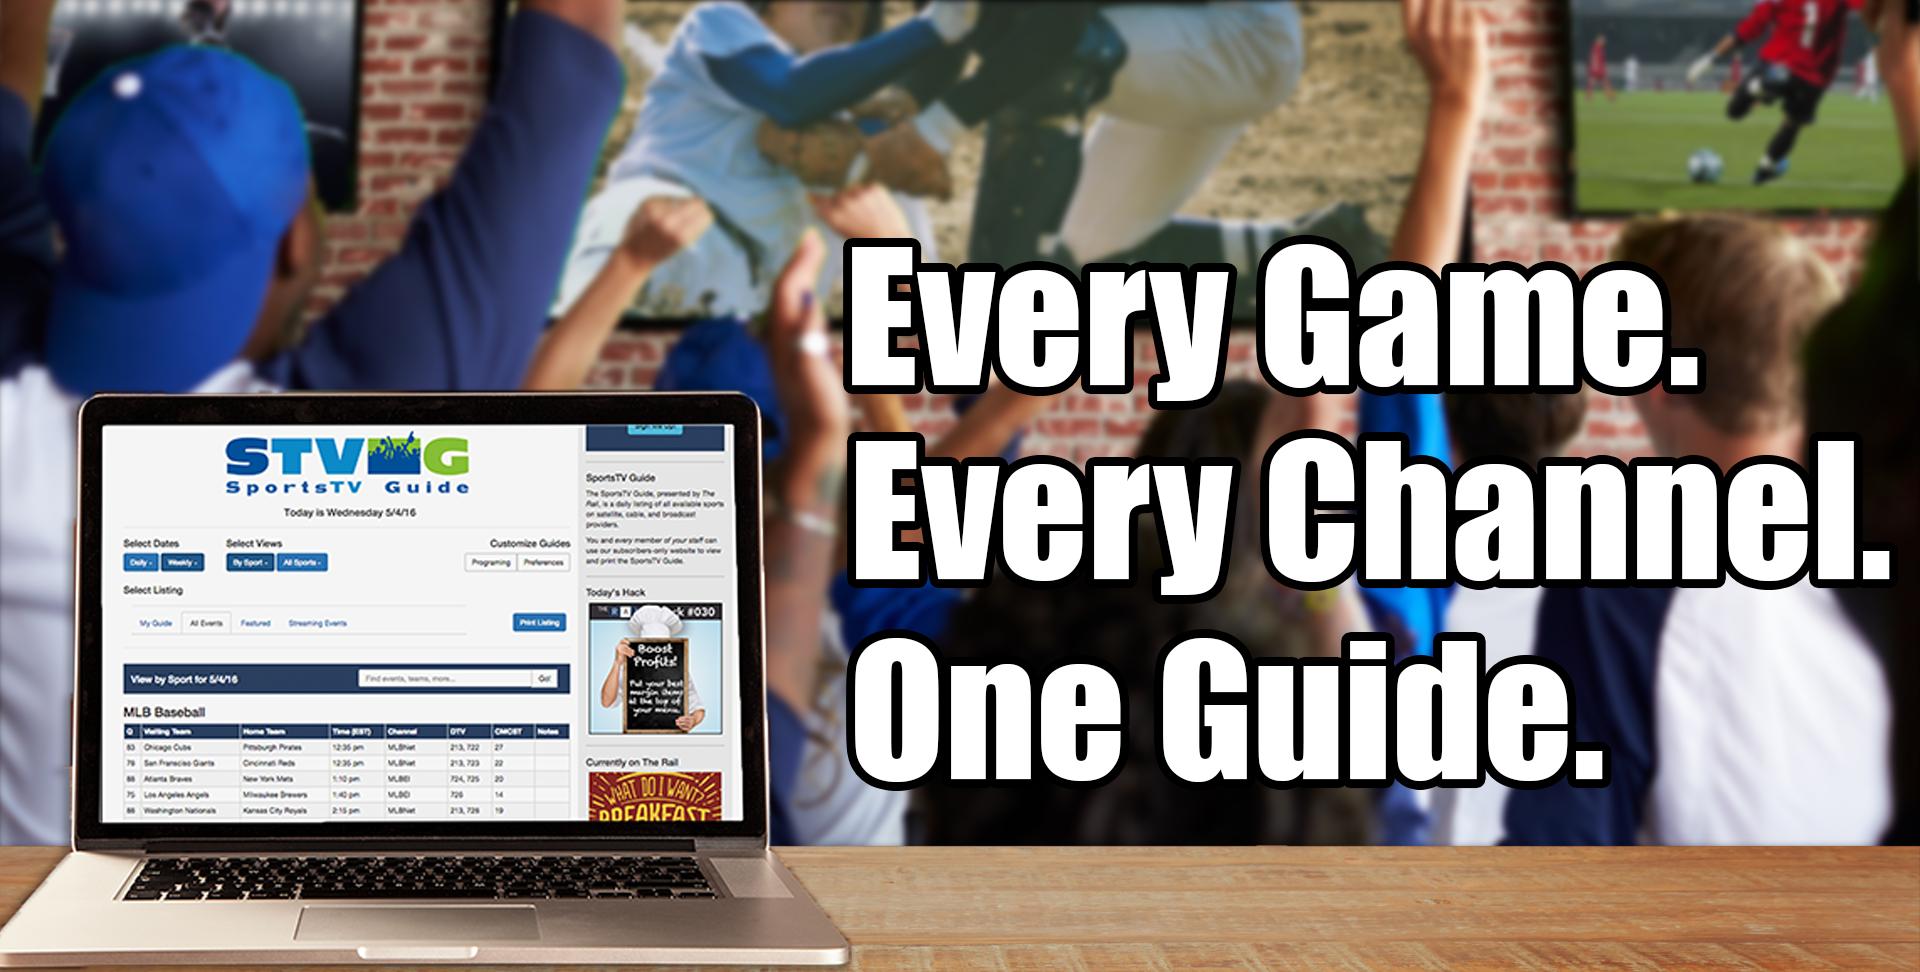 The SportsTV Guide for sports bars & restaurants